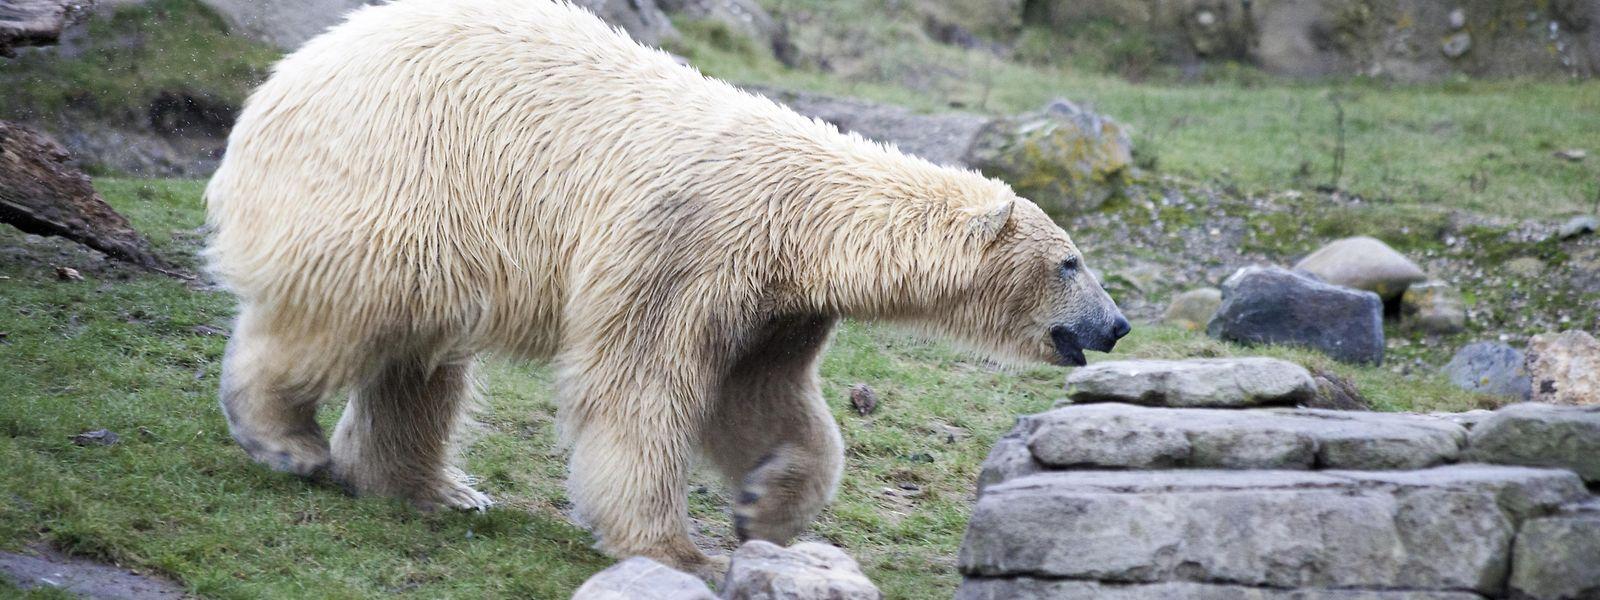 Der traditionelle Lebensraum der Eisbären wird immer kleiner: Hunger und Revierstreitigkeiten erhöhen das Konfrontationspotenzial.